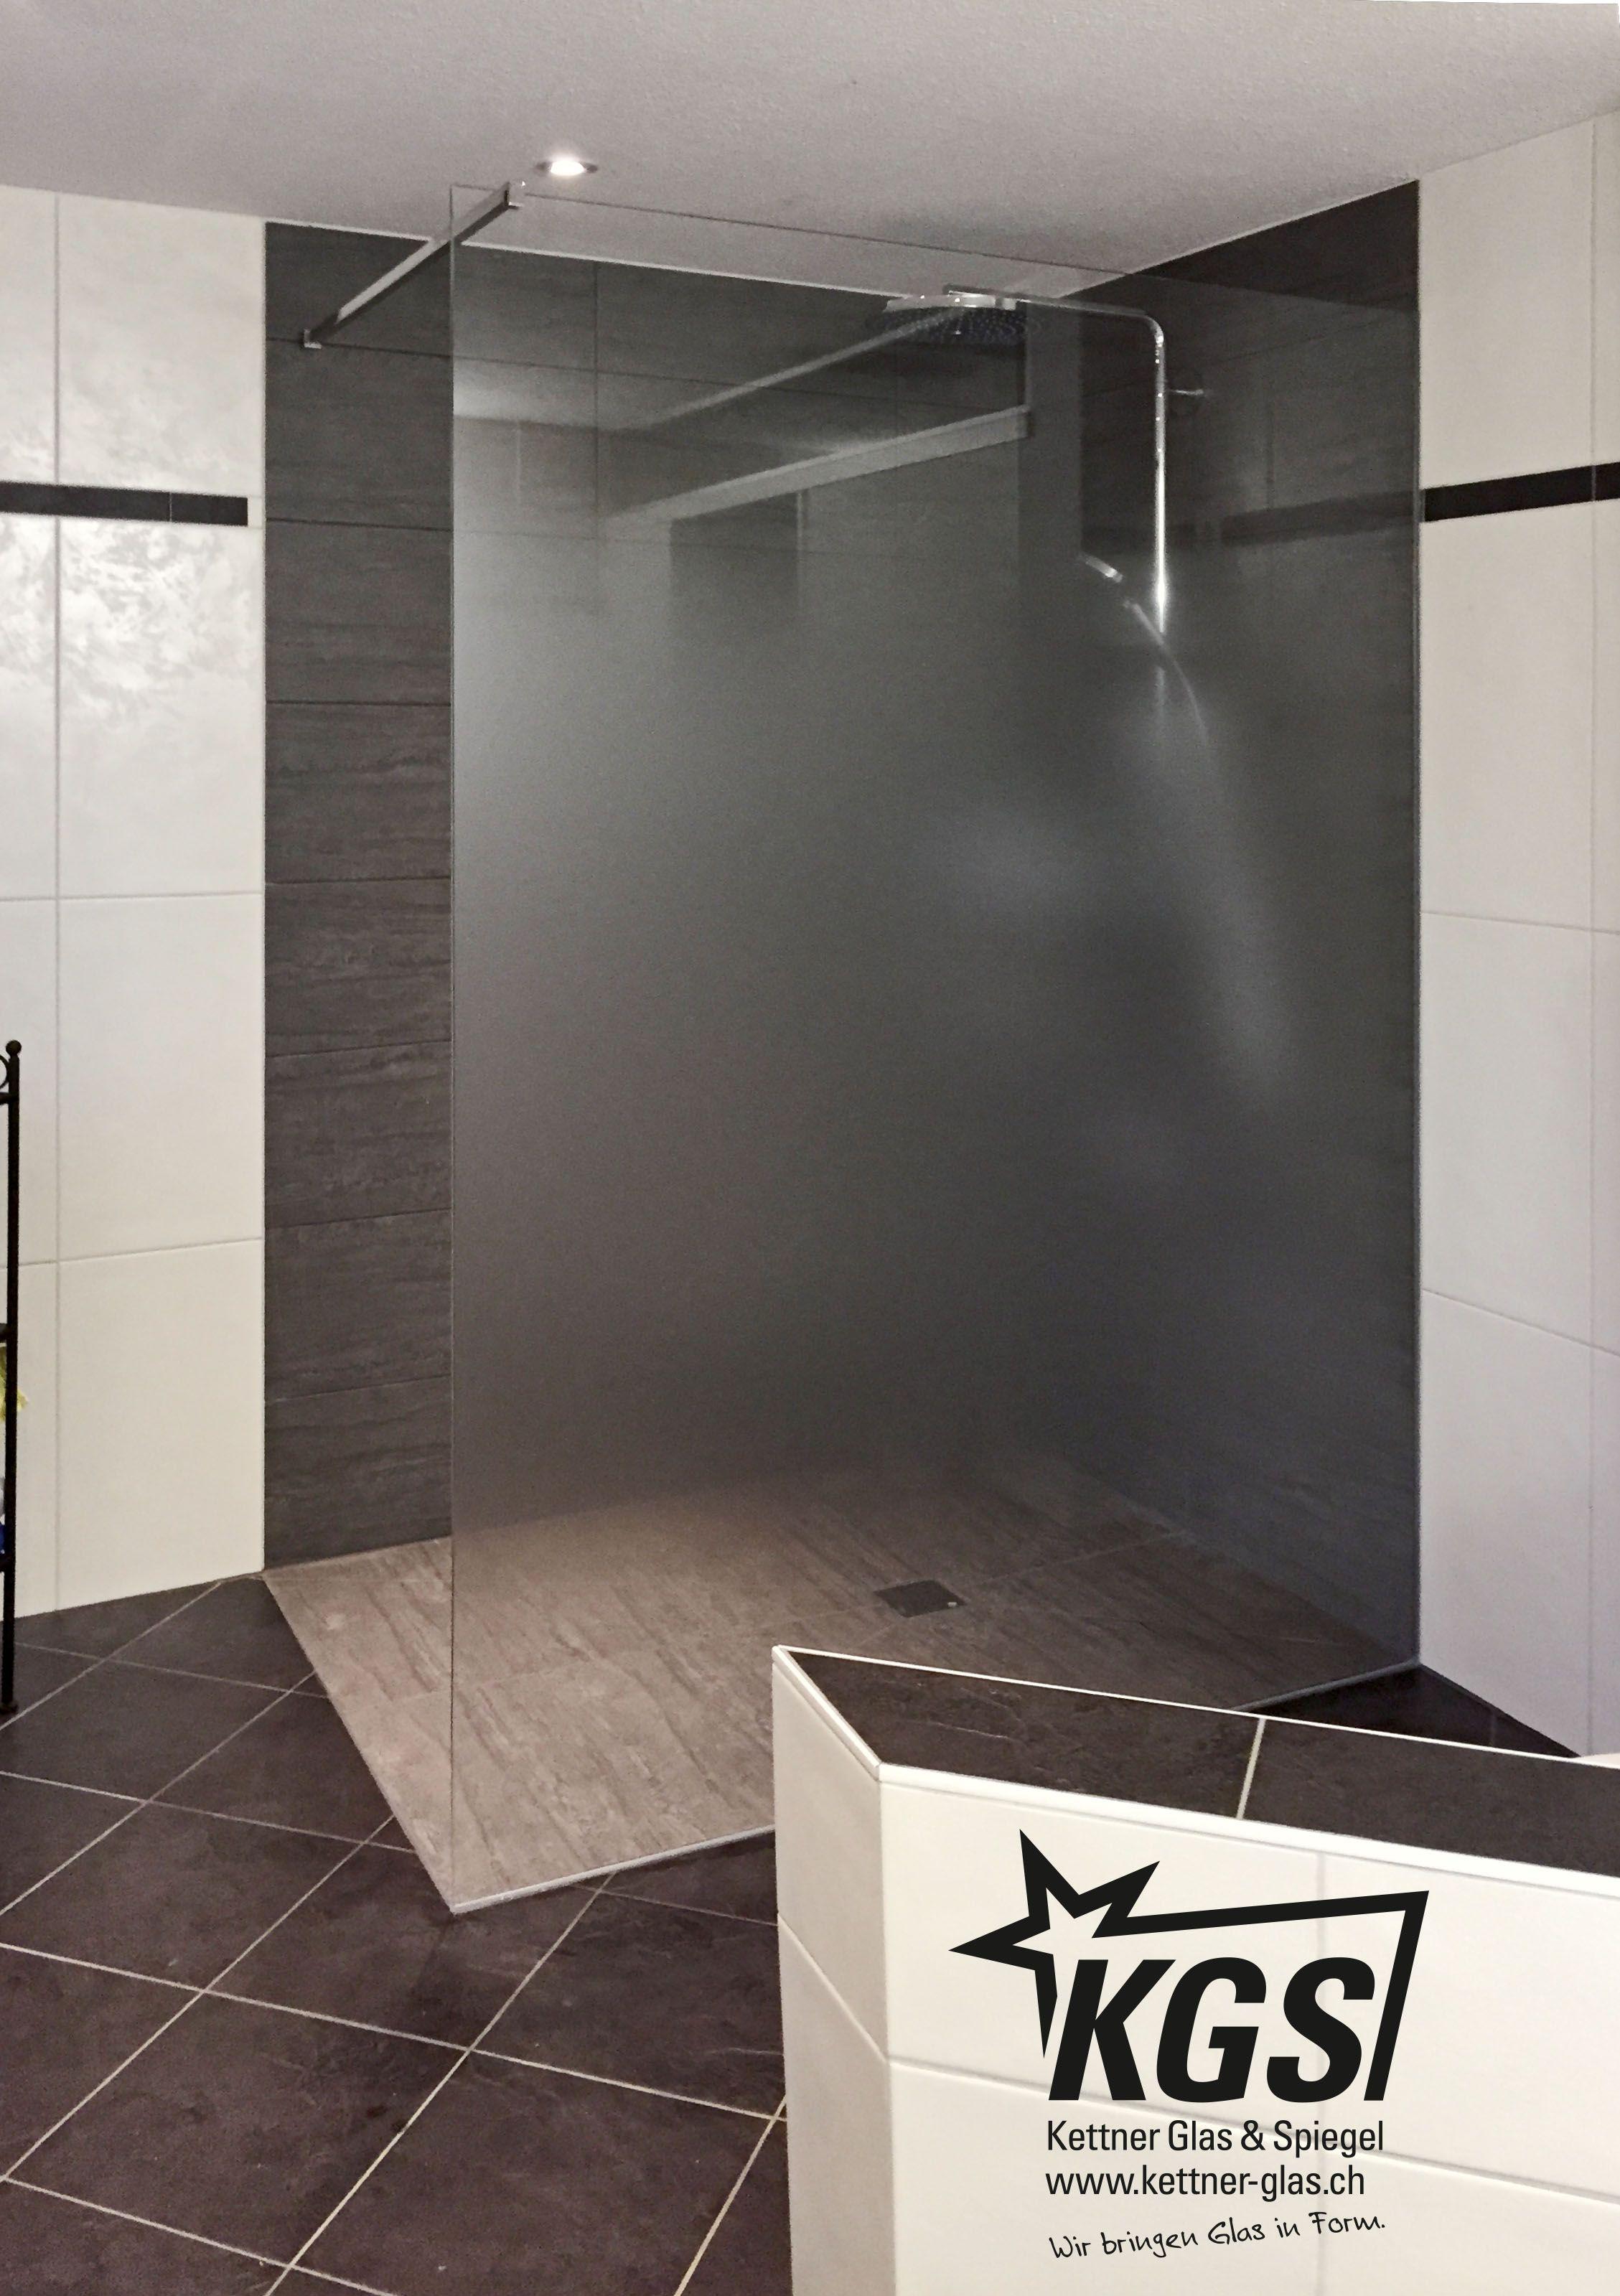 Walkin Duschwand Mit Progressivatzung Von Ihrer Glaserei Diese Grosszugige Walk In Duschwand Mit Progressivatzung Kombi Duschwand Dusche Begehbare Dusche